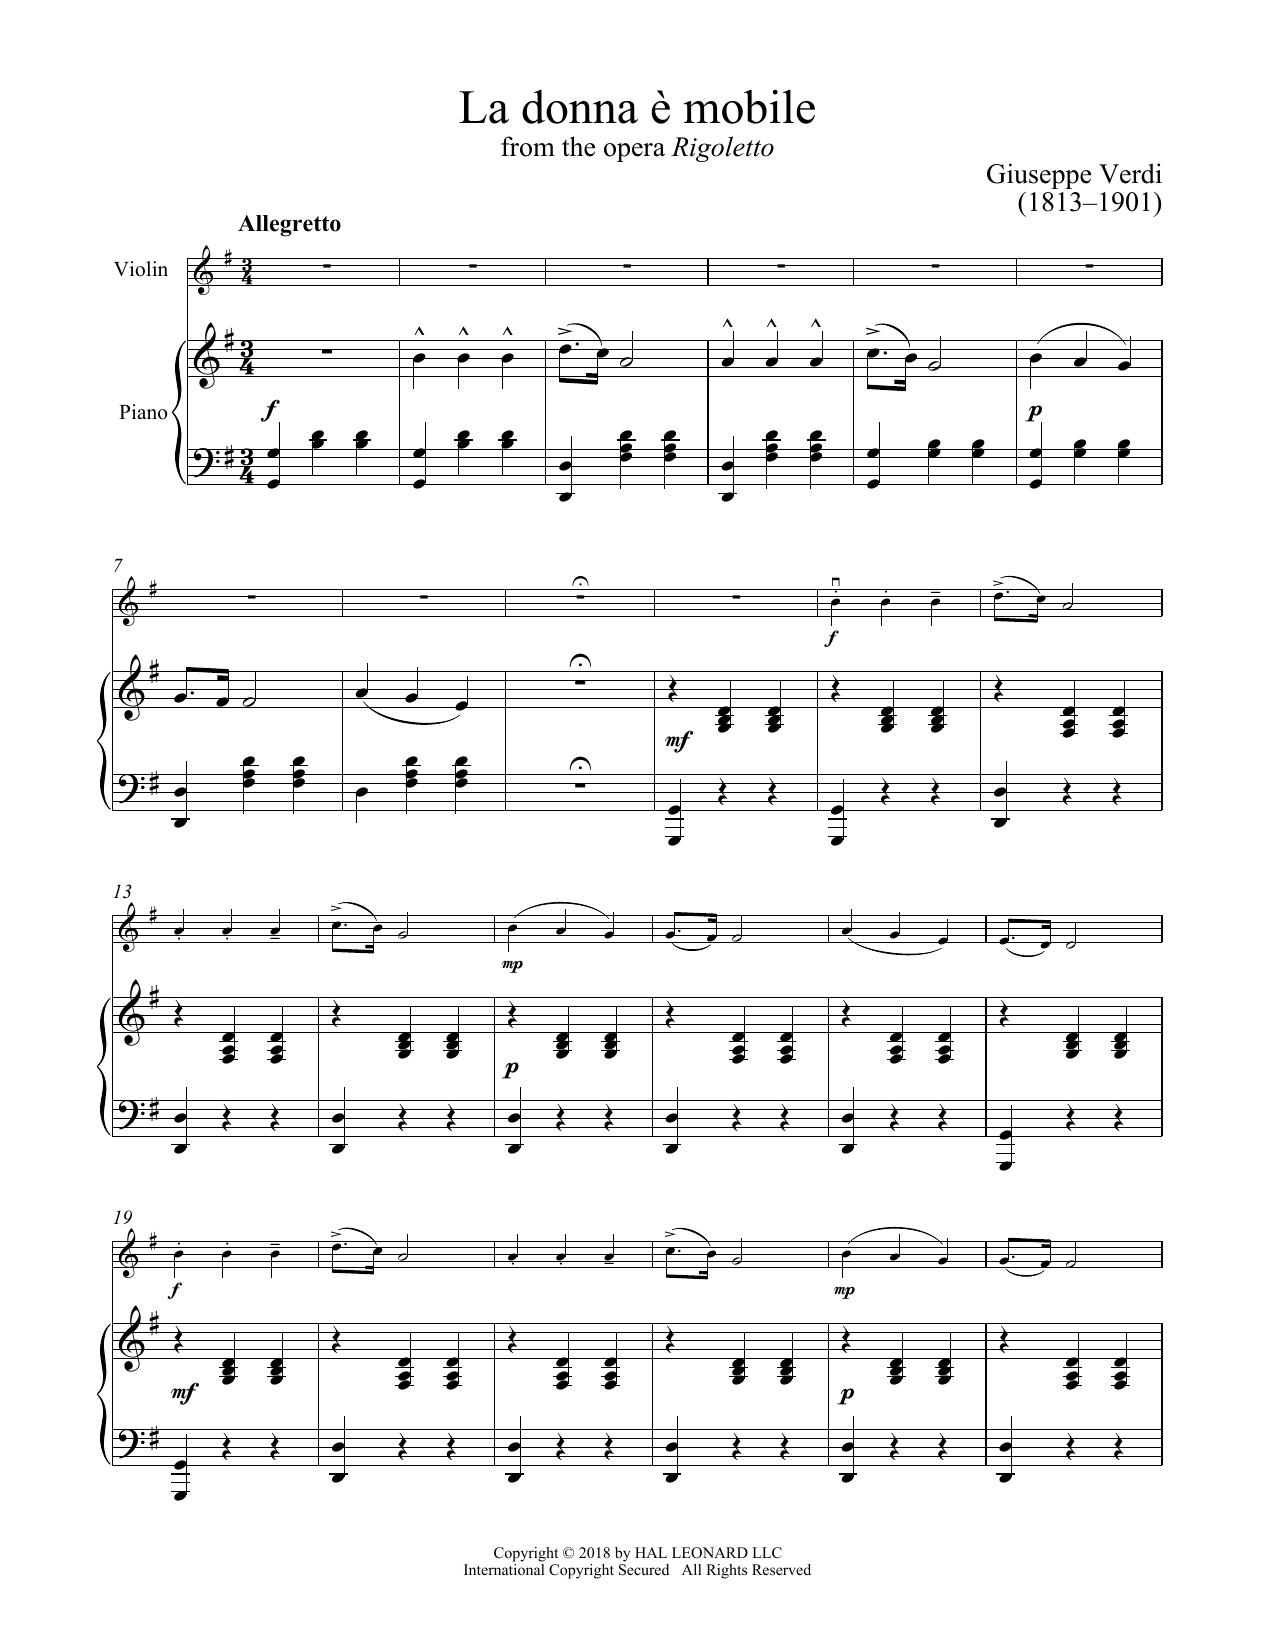 La Donna E Mobile (Violin and Piano)